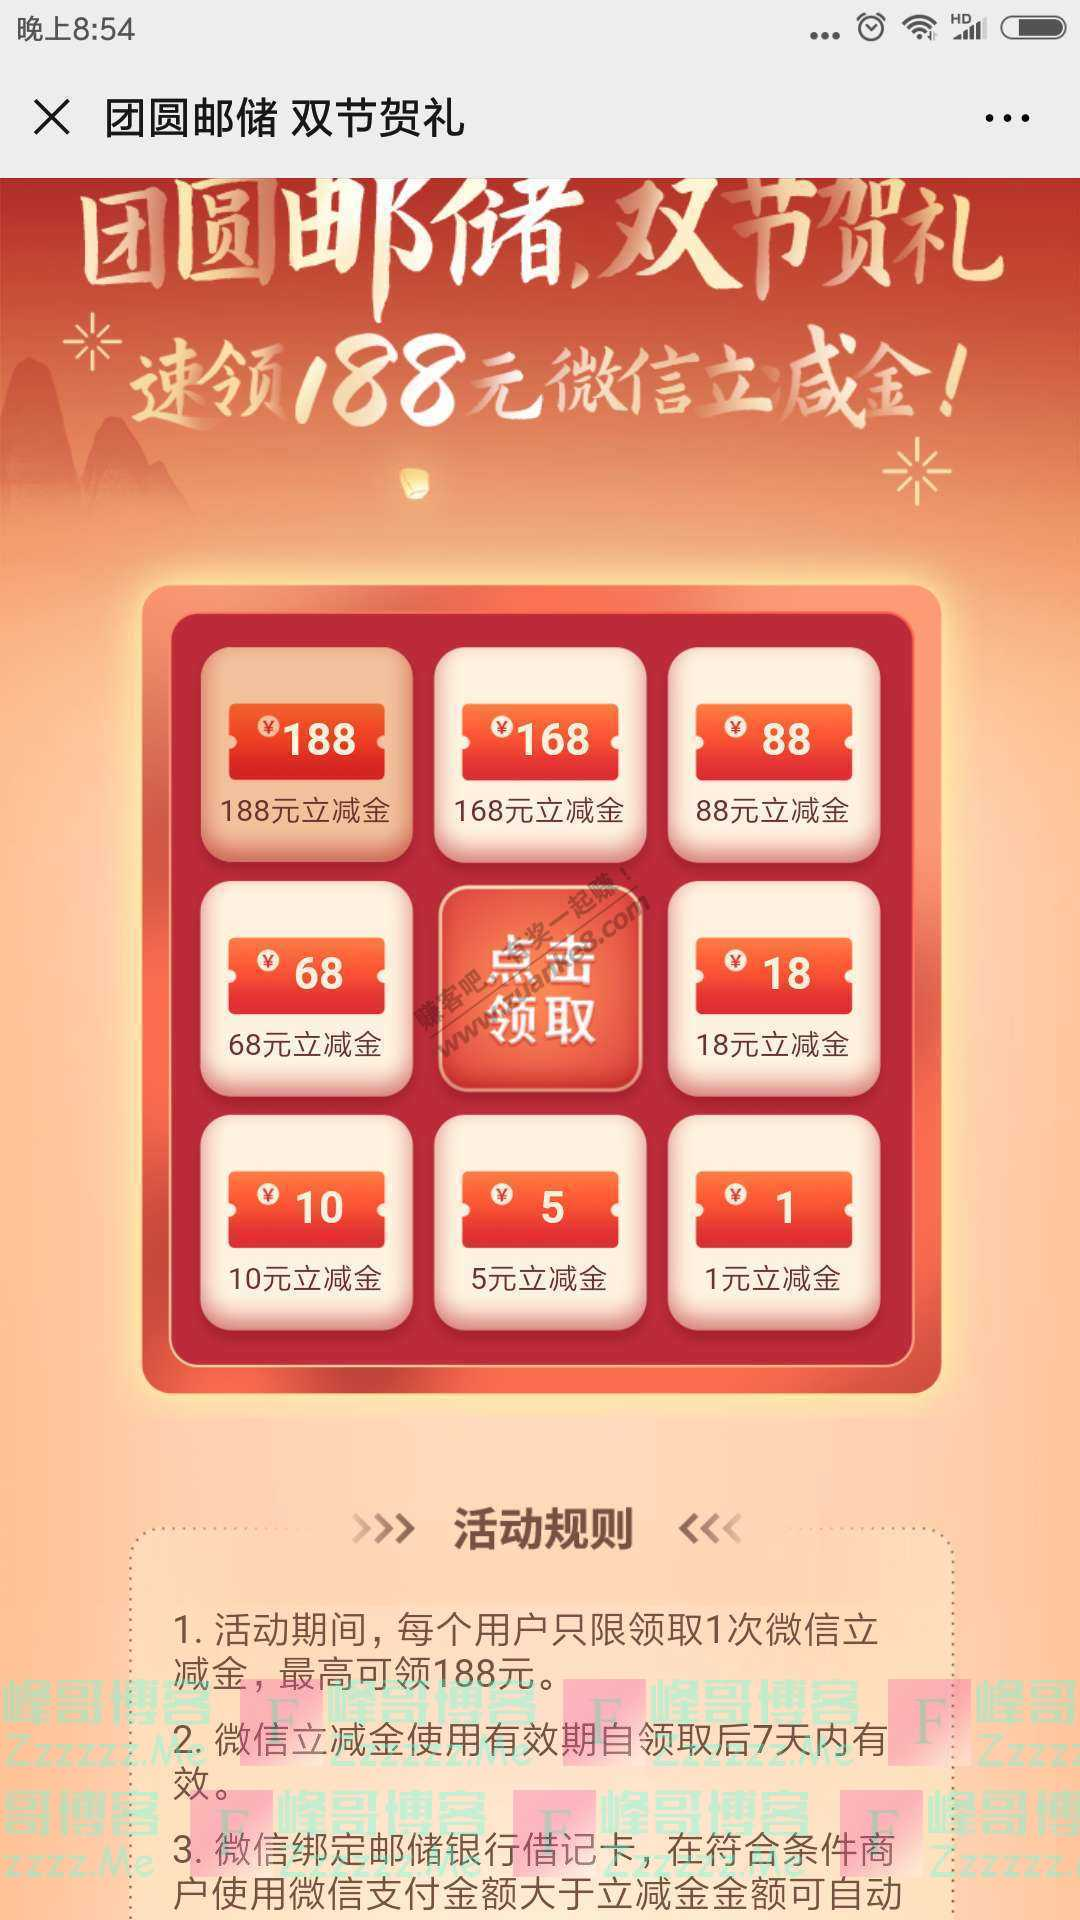 邮储银行北京分行月向人圆,国泰家安 最高188贺礼请收下(截止不详)